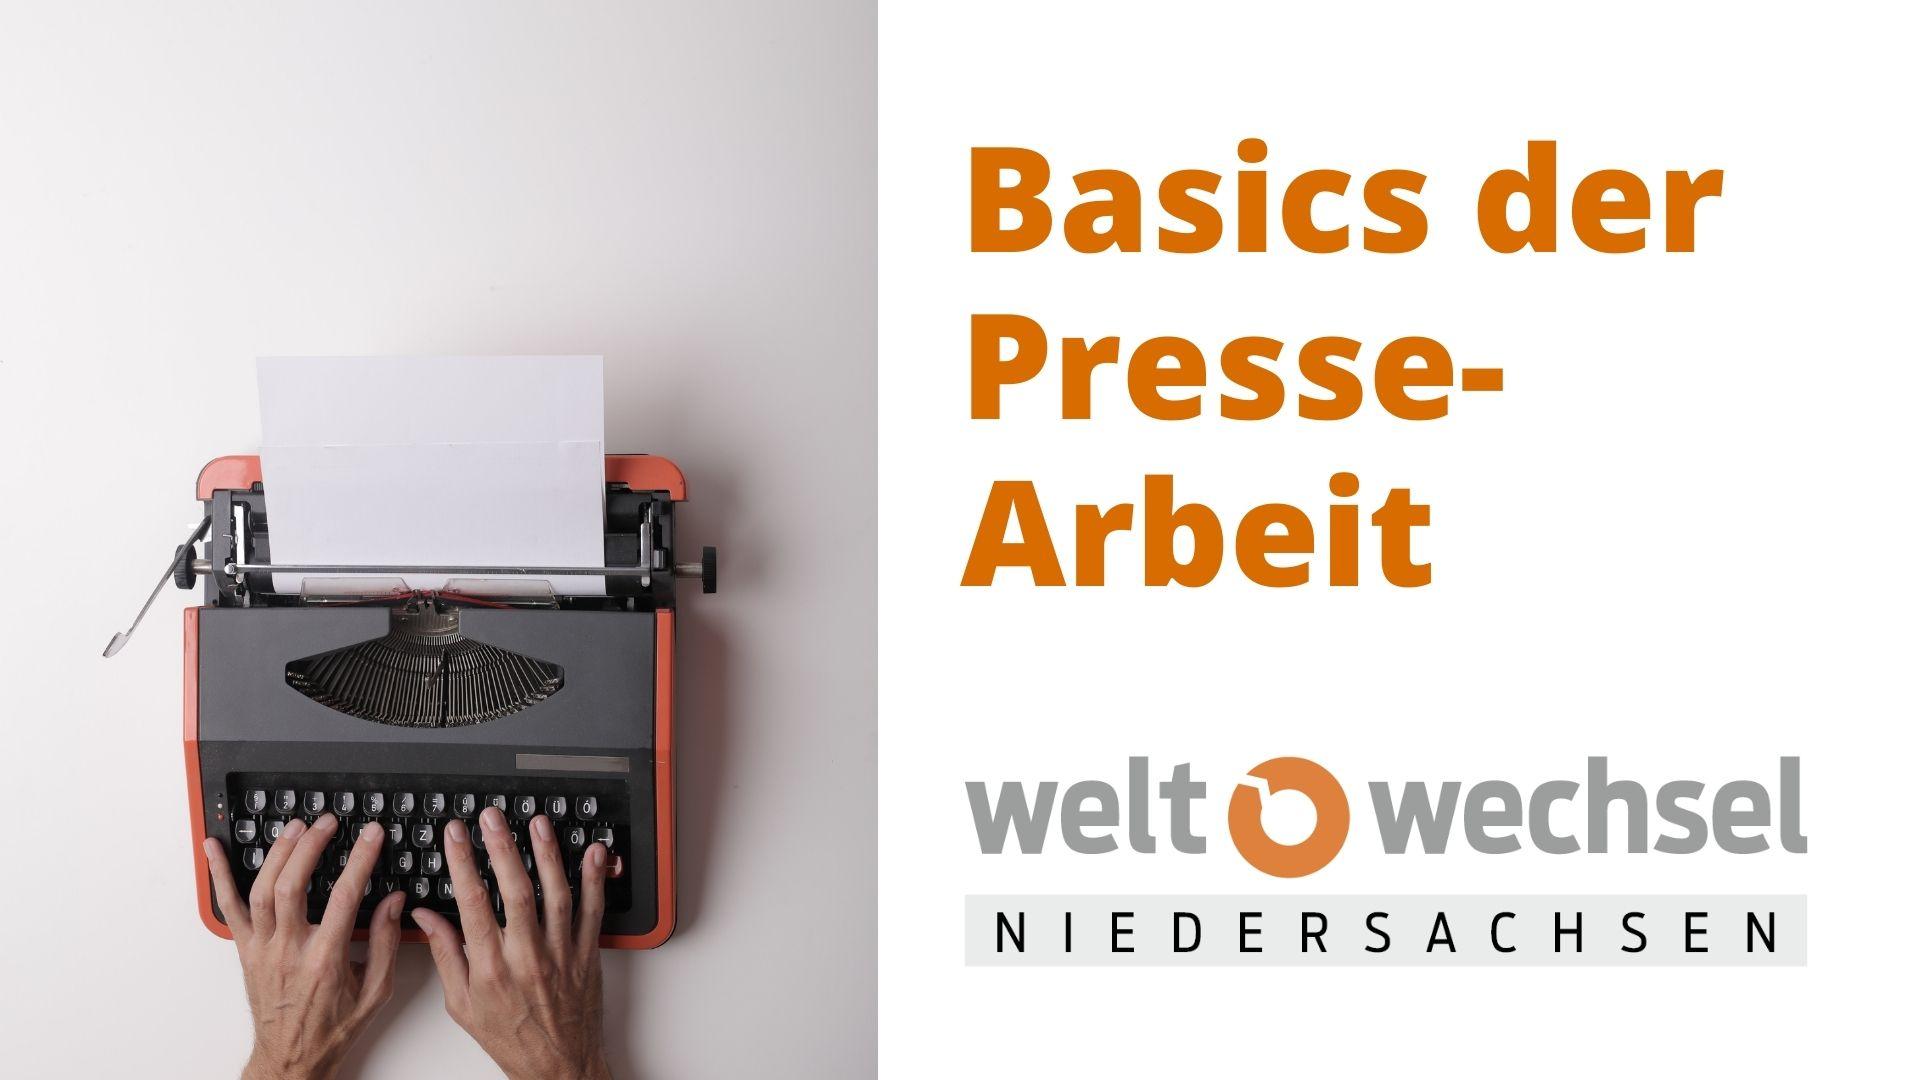 Basics der Pressearbeit 2